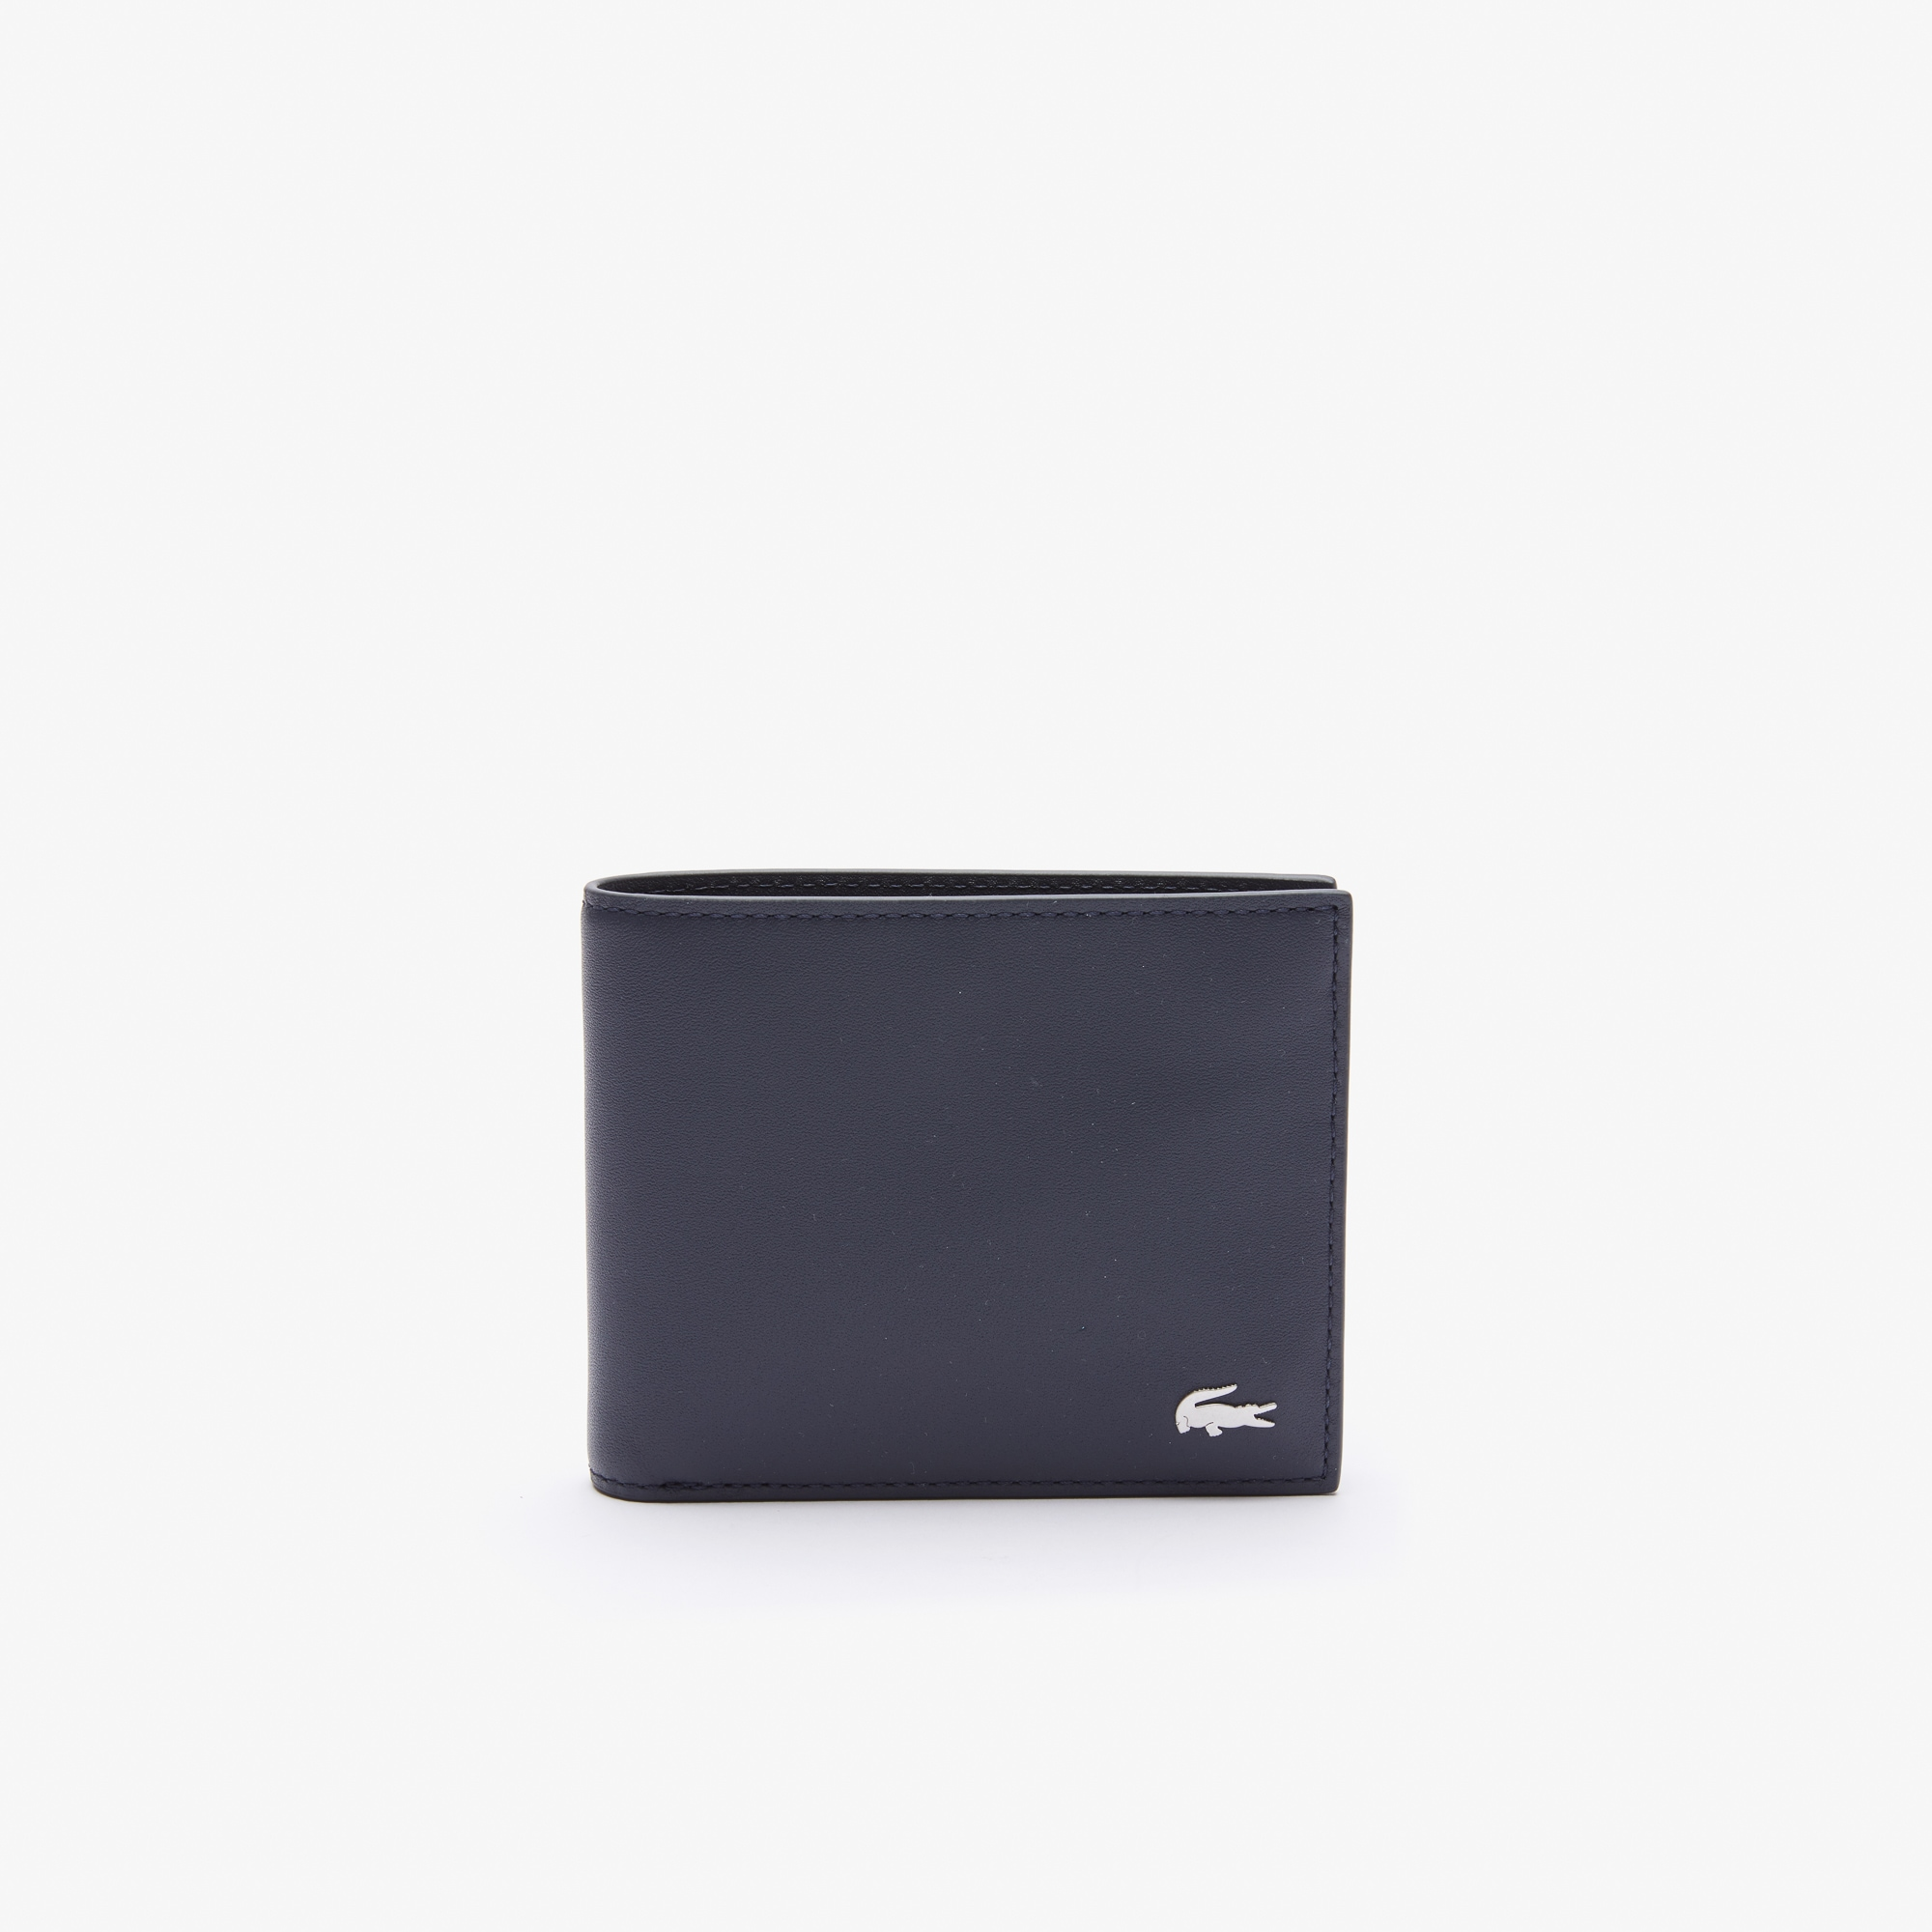 Herren-Brieftasche Fitzgerald aus Leder für sechs Karten